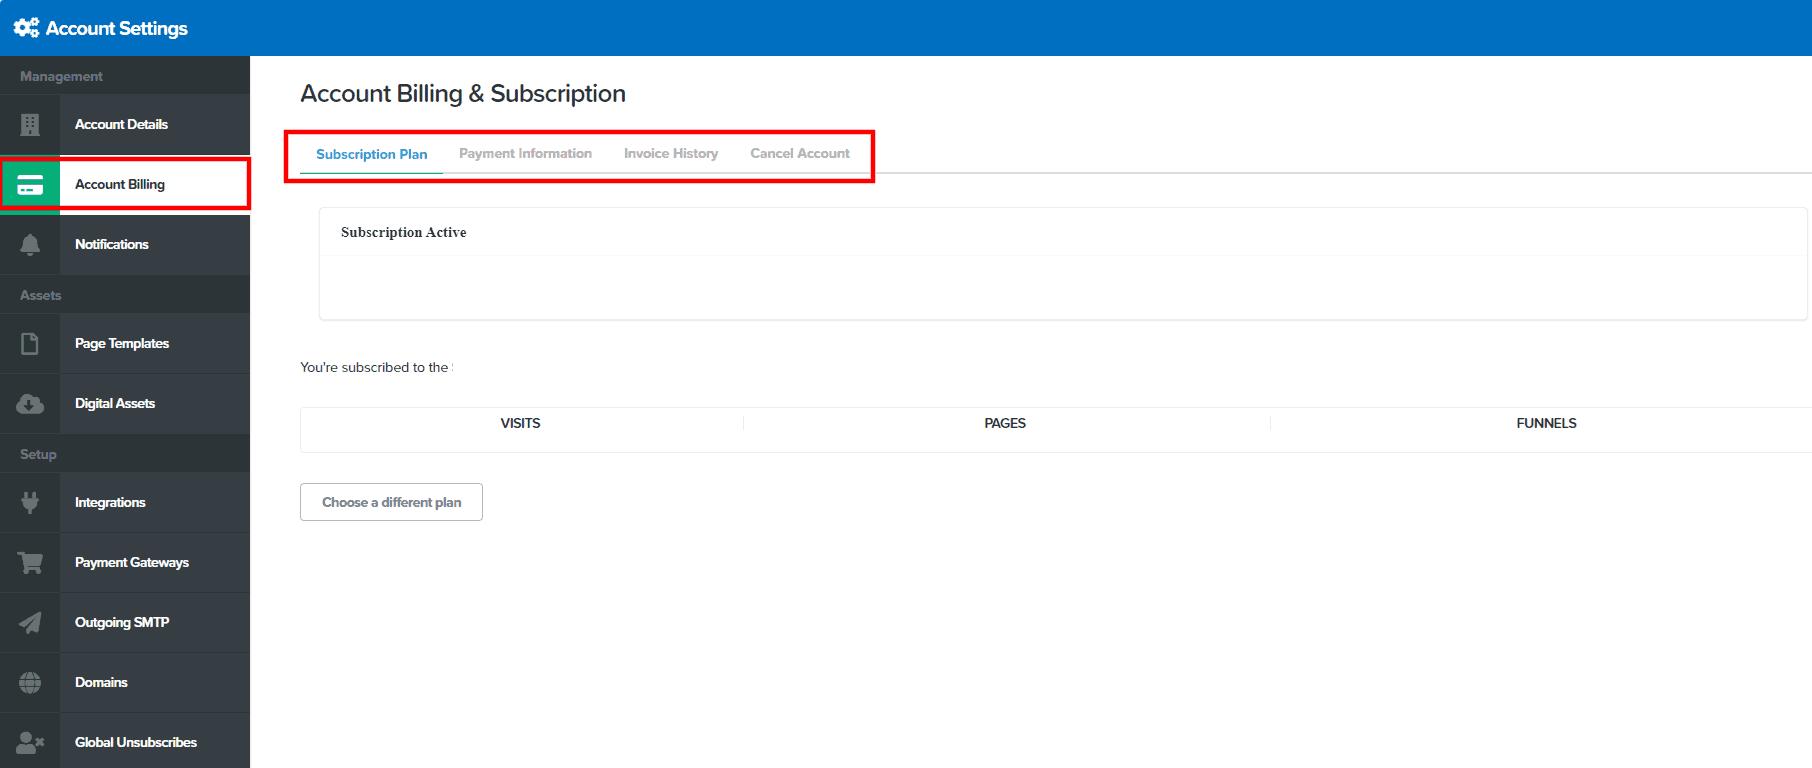 ClickFunnels Support Billing